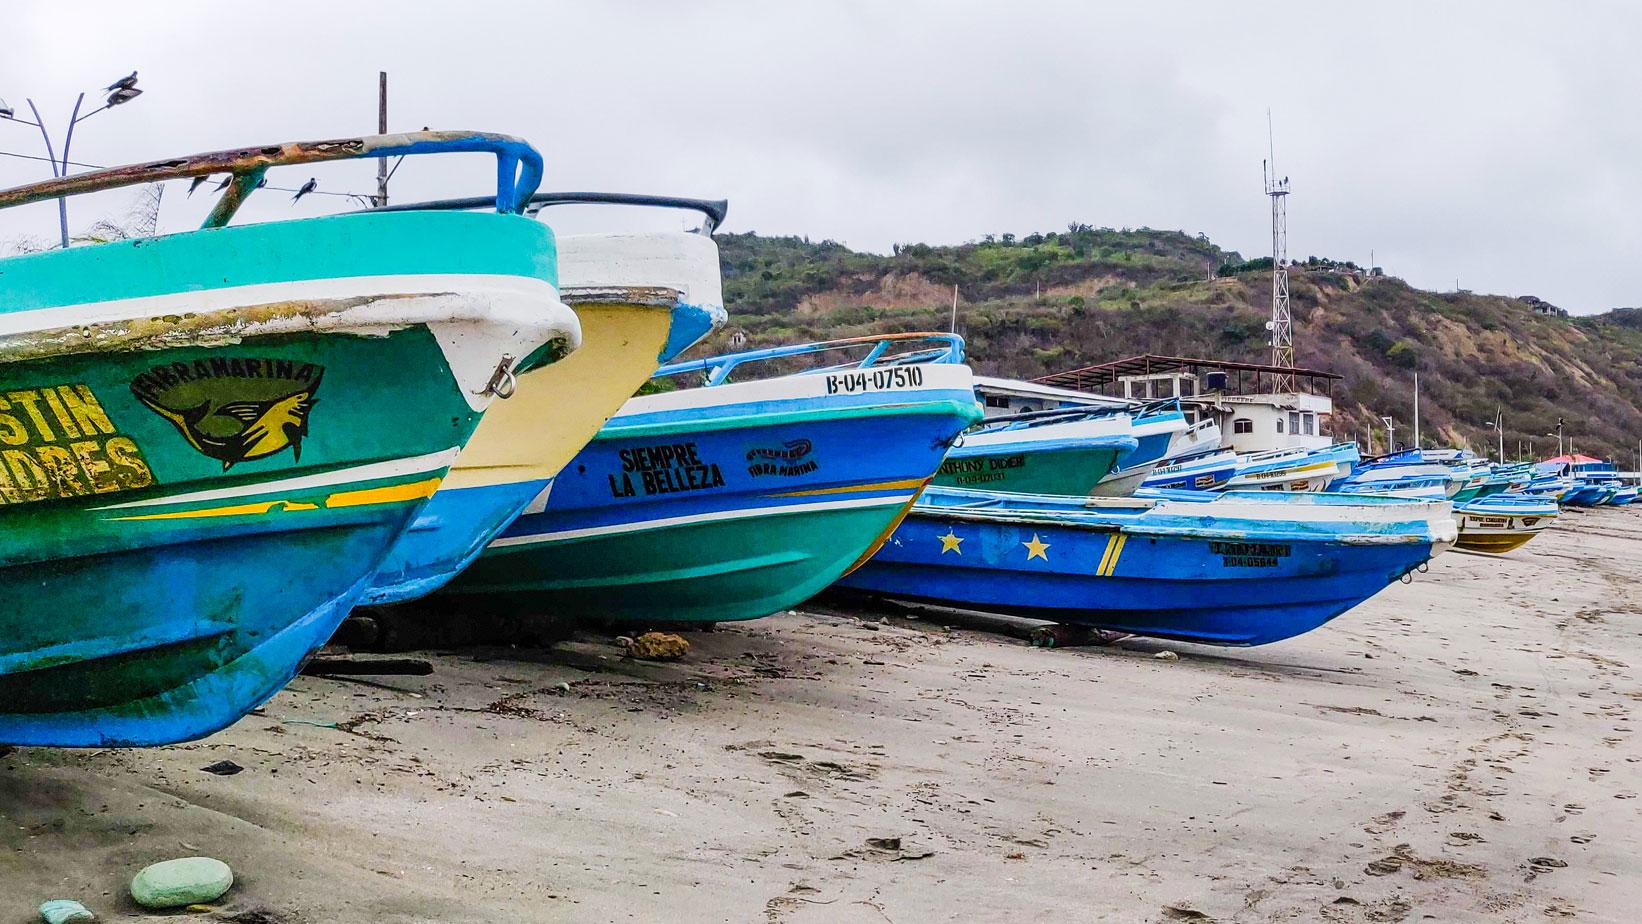 The Puerto Cayo Fleet